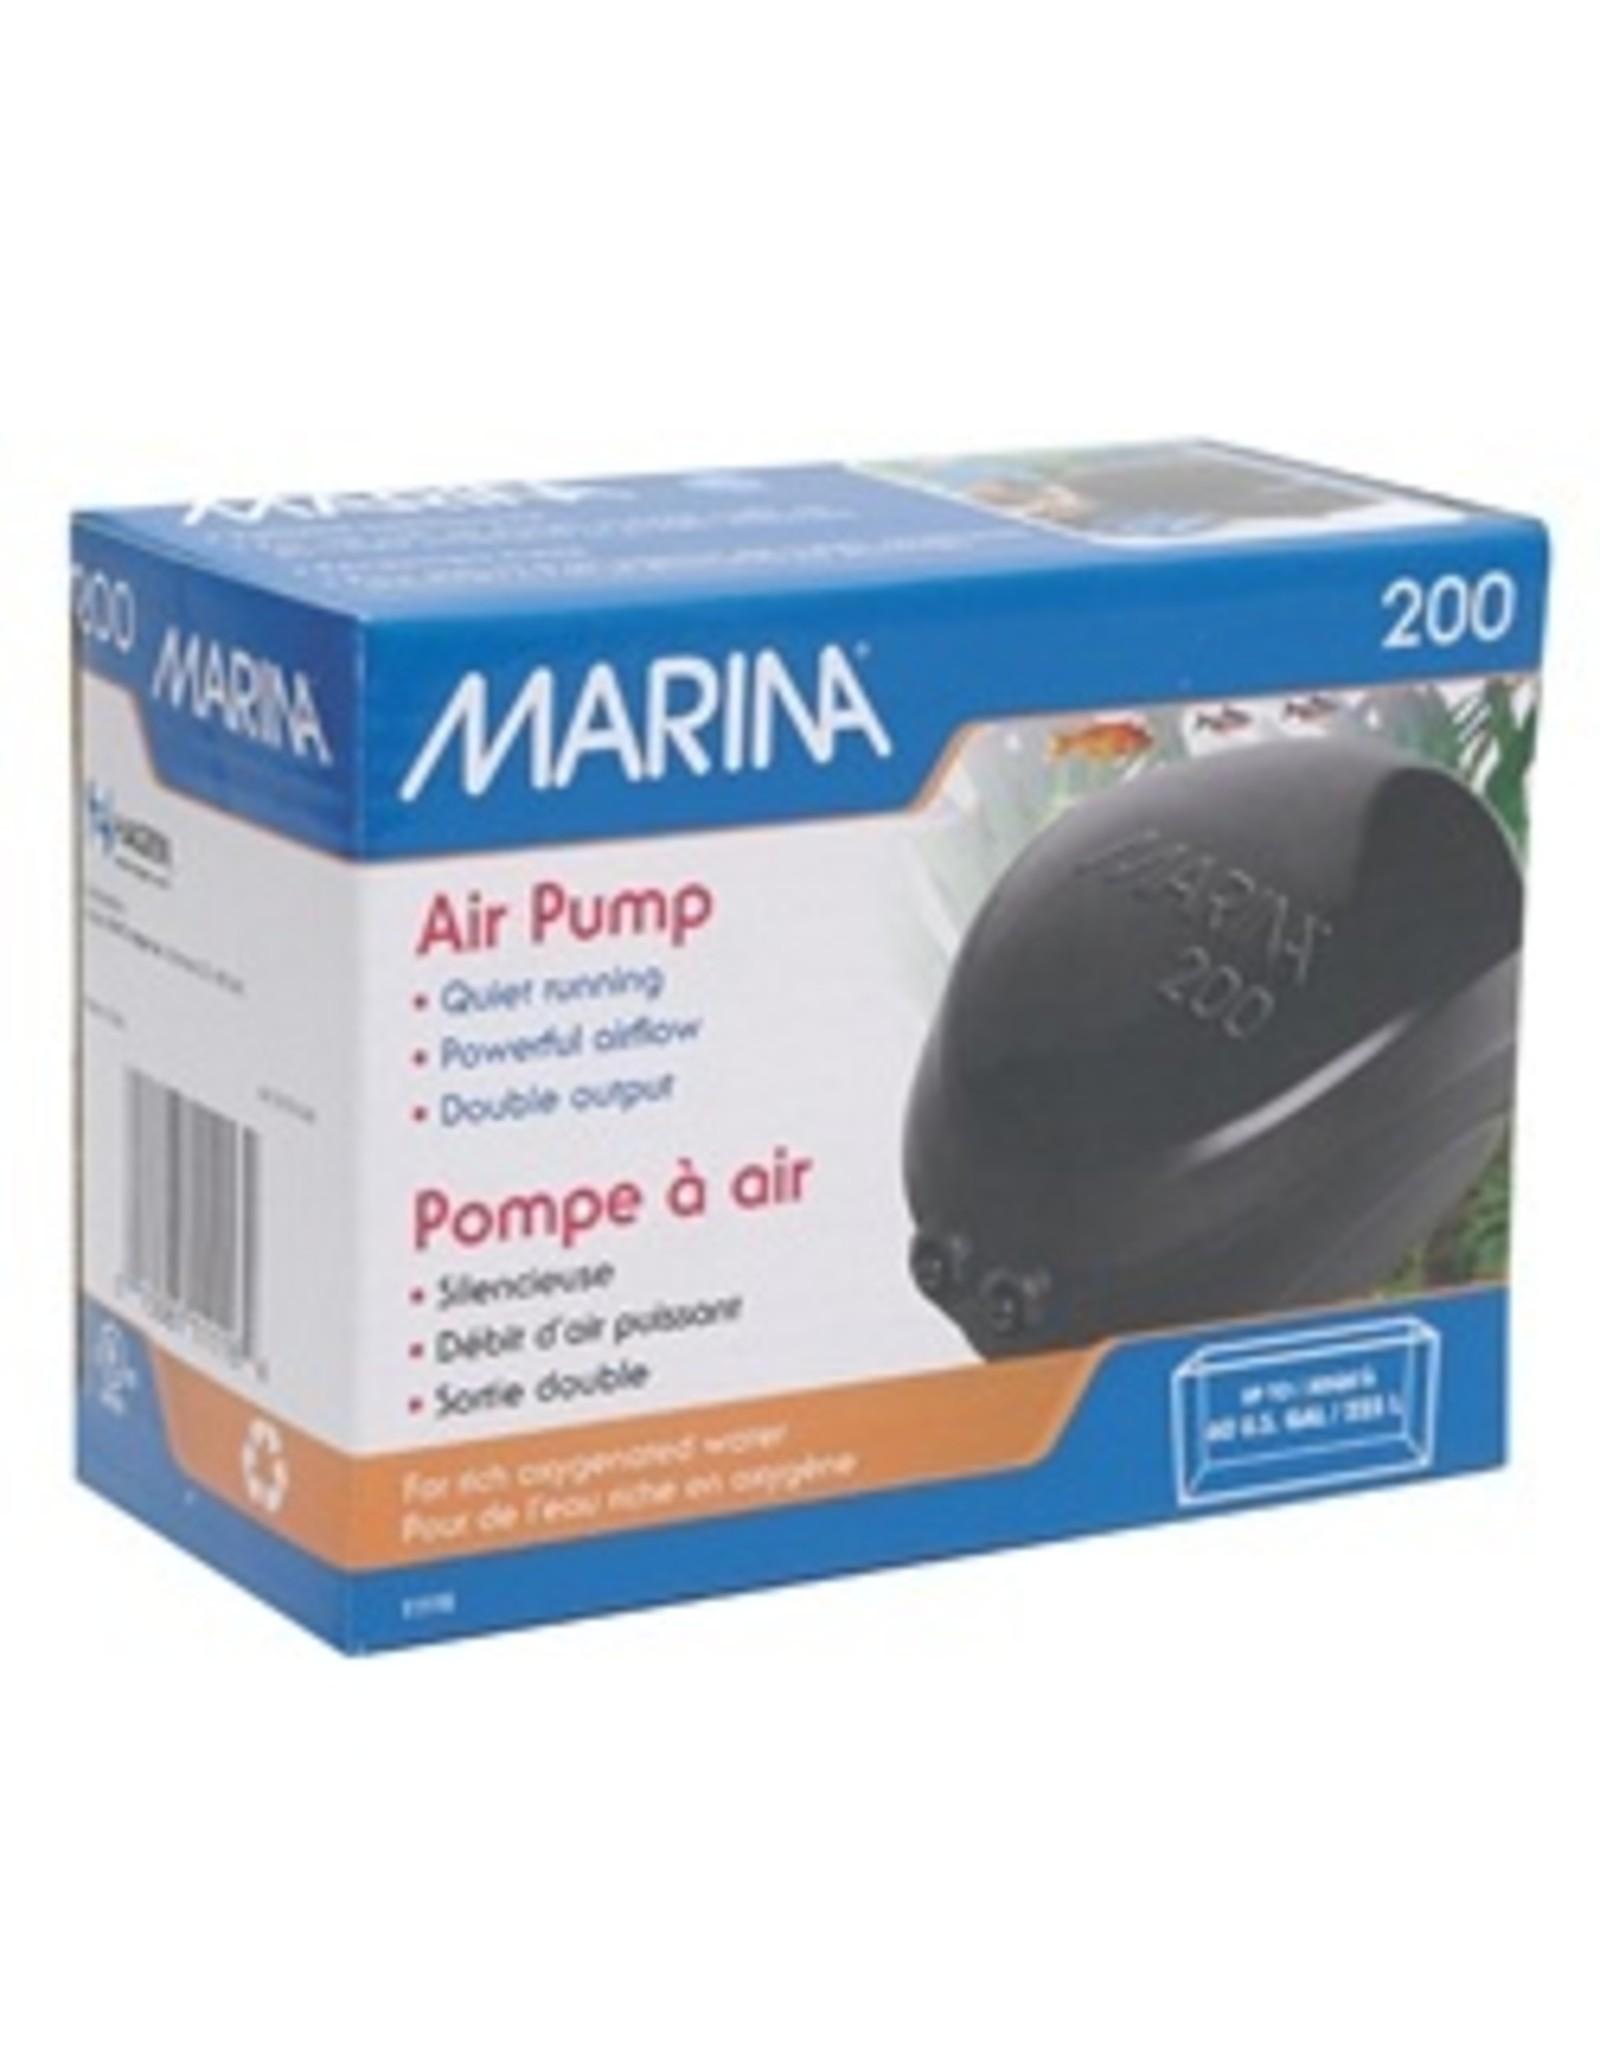 MA - Marina Marina 200 Air Pump